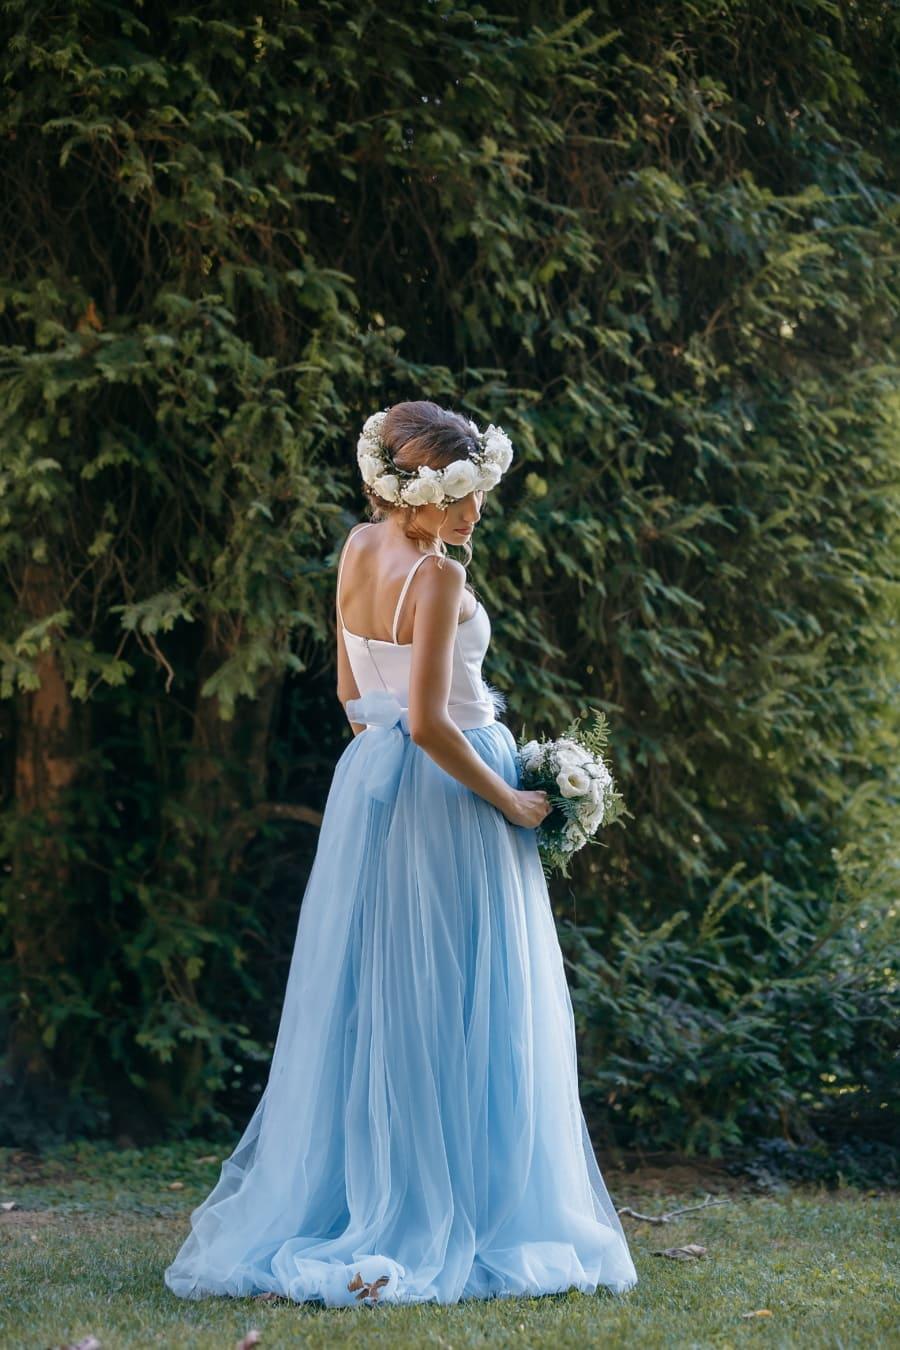 vestido, de lujo, Princesa, nina bonita, novia, chica, falda, prenda, ropa, amor